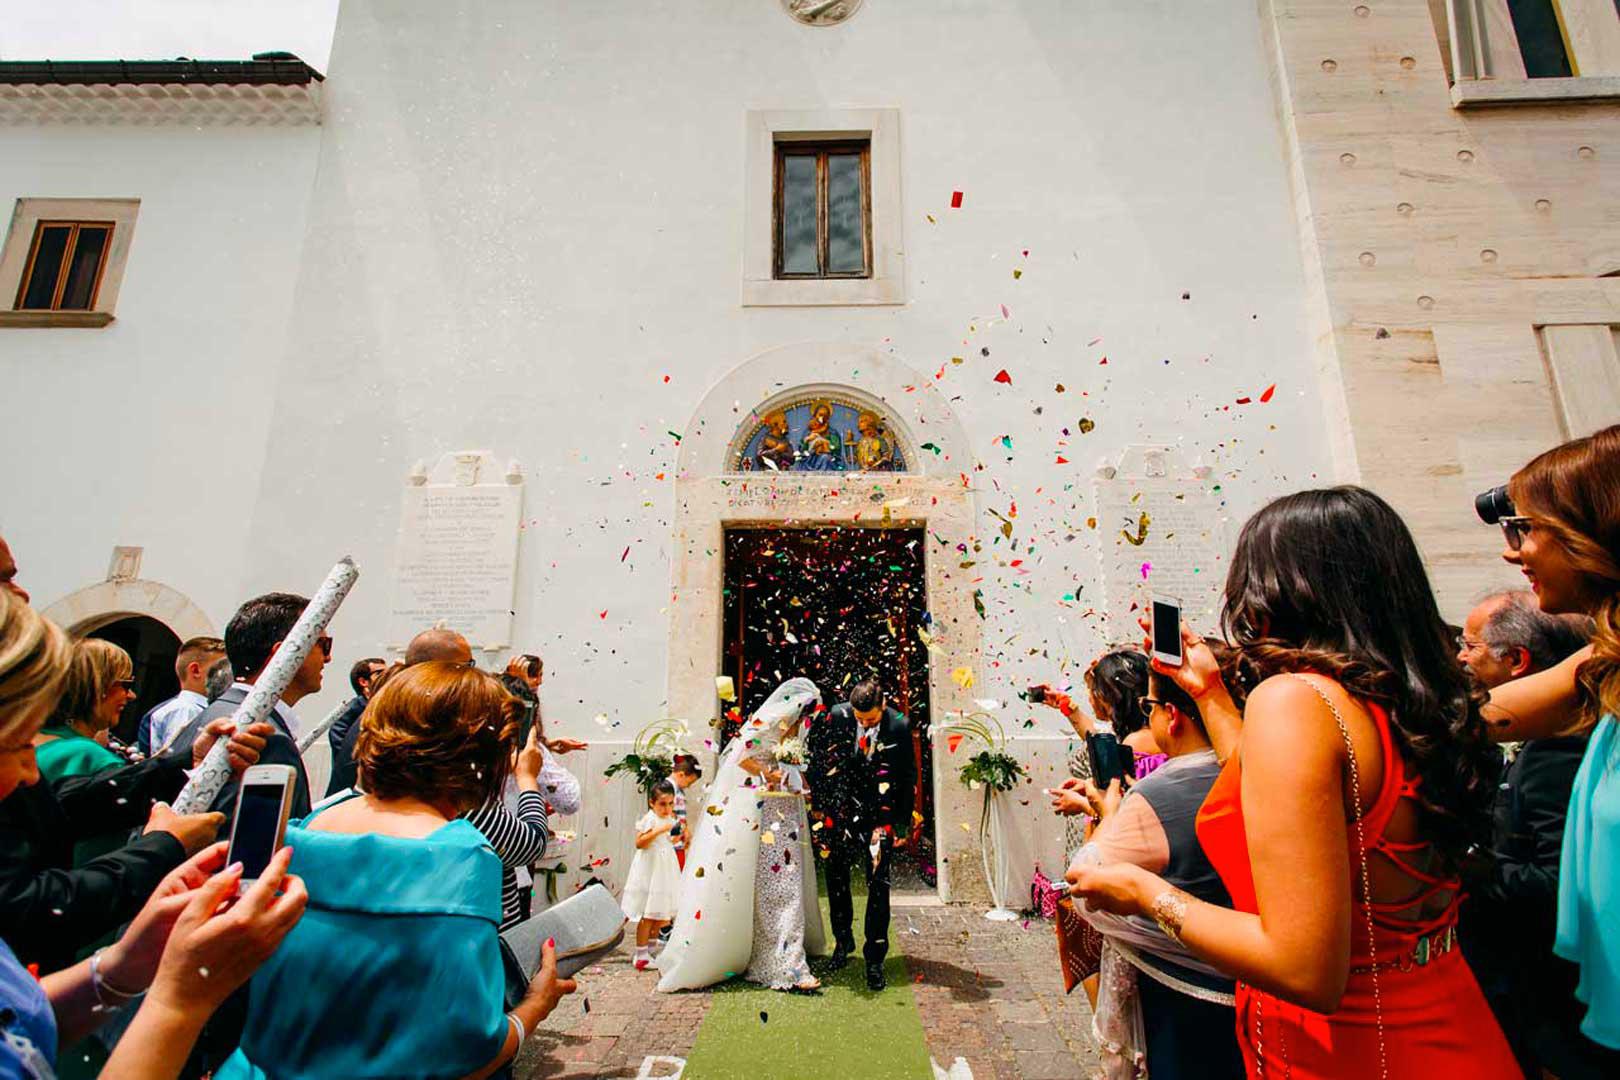 020-matrimonio-san-giovanni-rotondo-gianni-lepore-fotografo